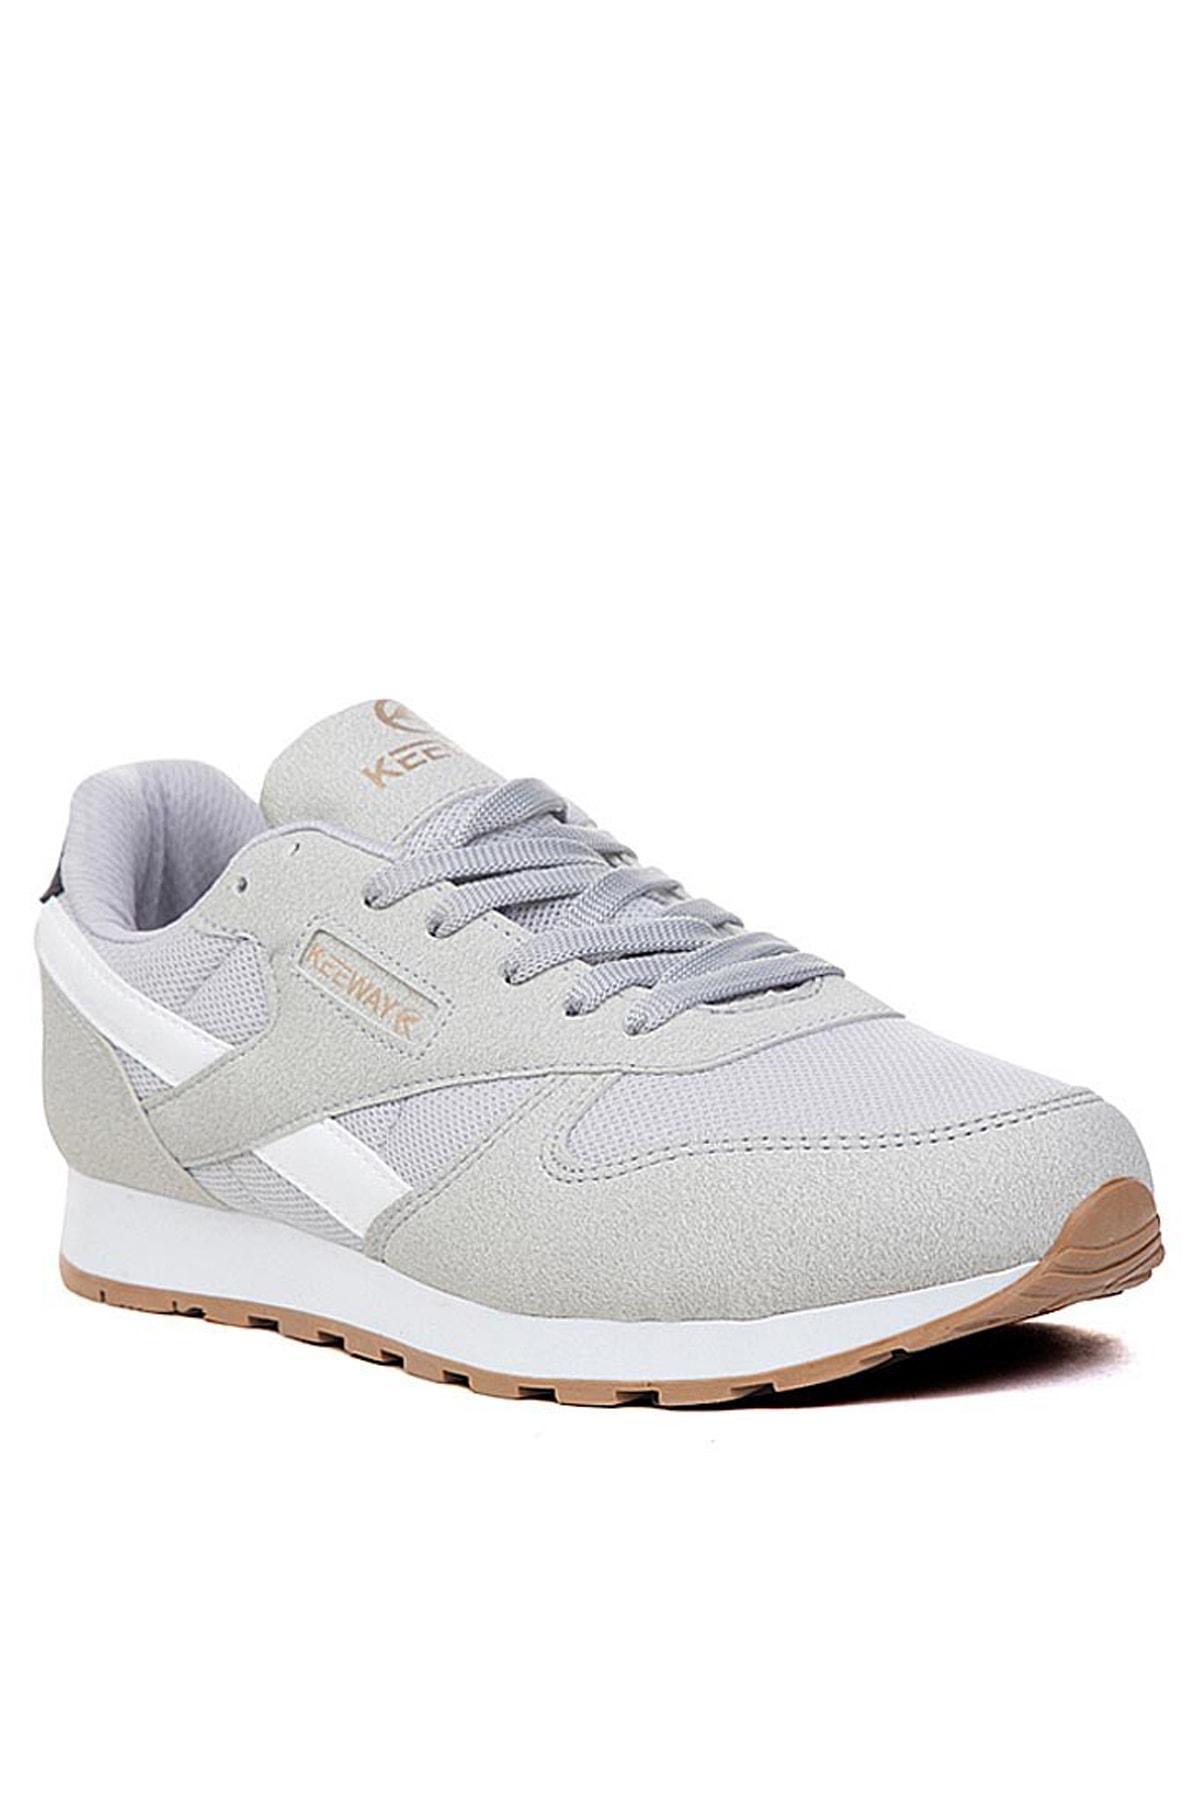 Günlük Spor Ayakkabı Erkek Kadın Gri Kw853201